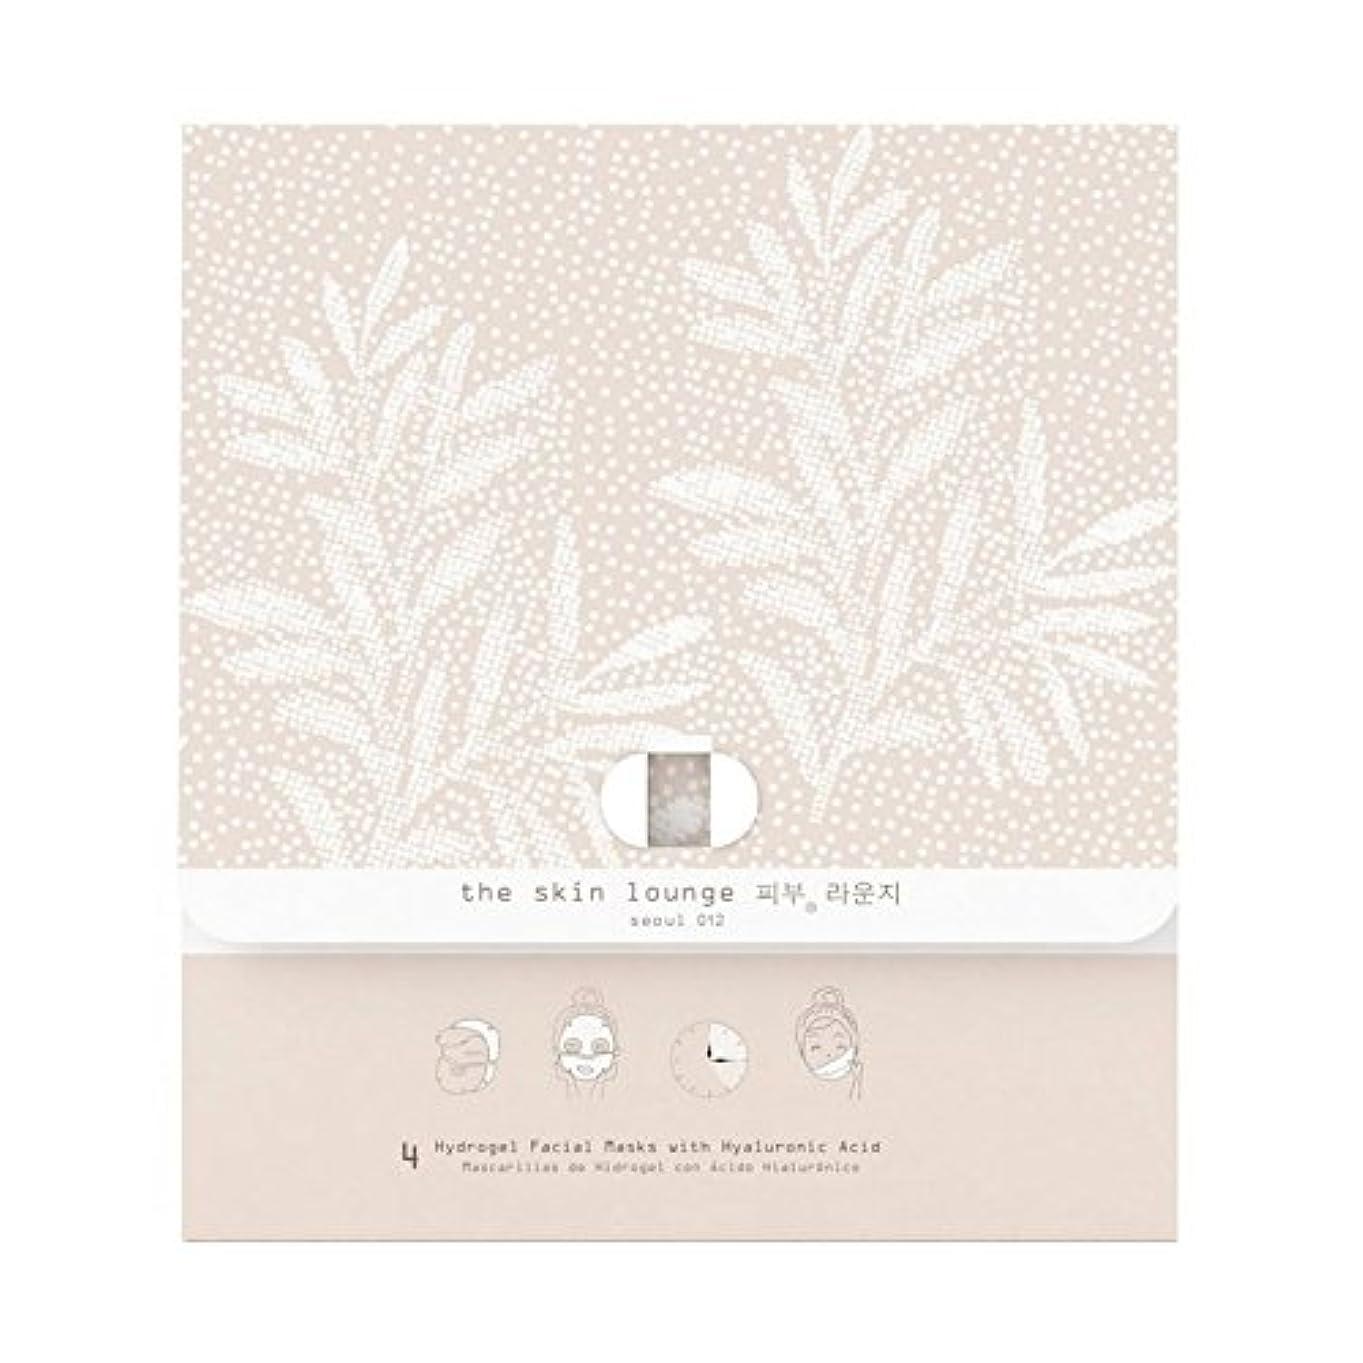 スカルクエンティティ鉄4の皮膚ラウンジヒドロゲルヘクタールパック x4 - The Skin Lounge Hydrogel HA Pack of 4 (Pack of 4) [並行輸入品]